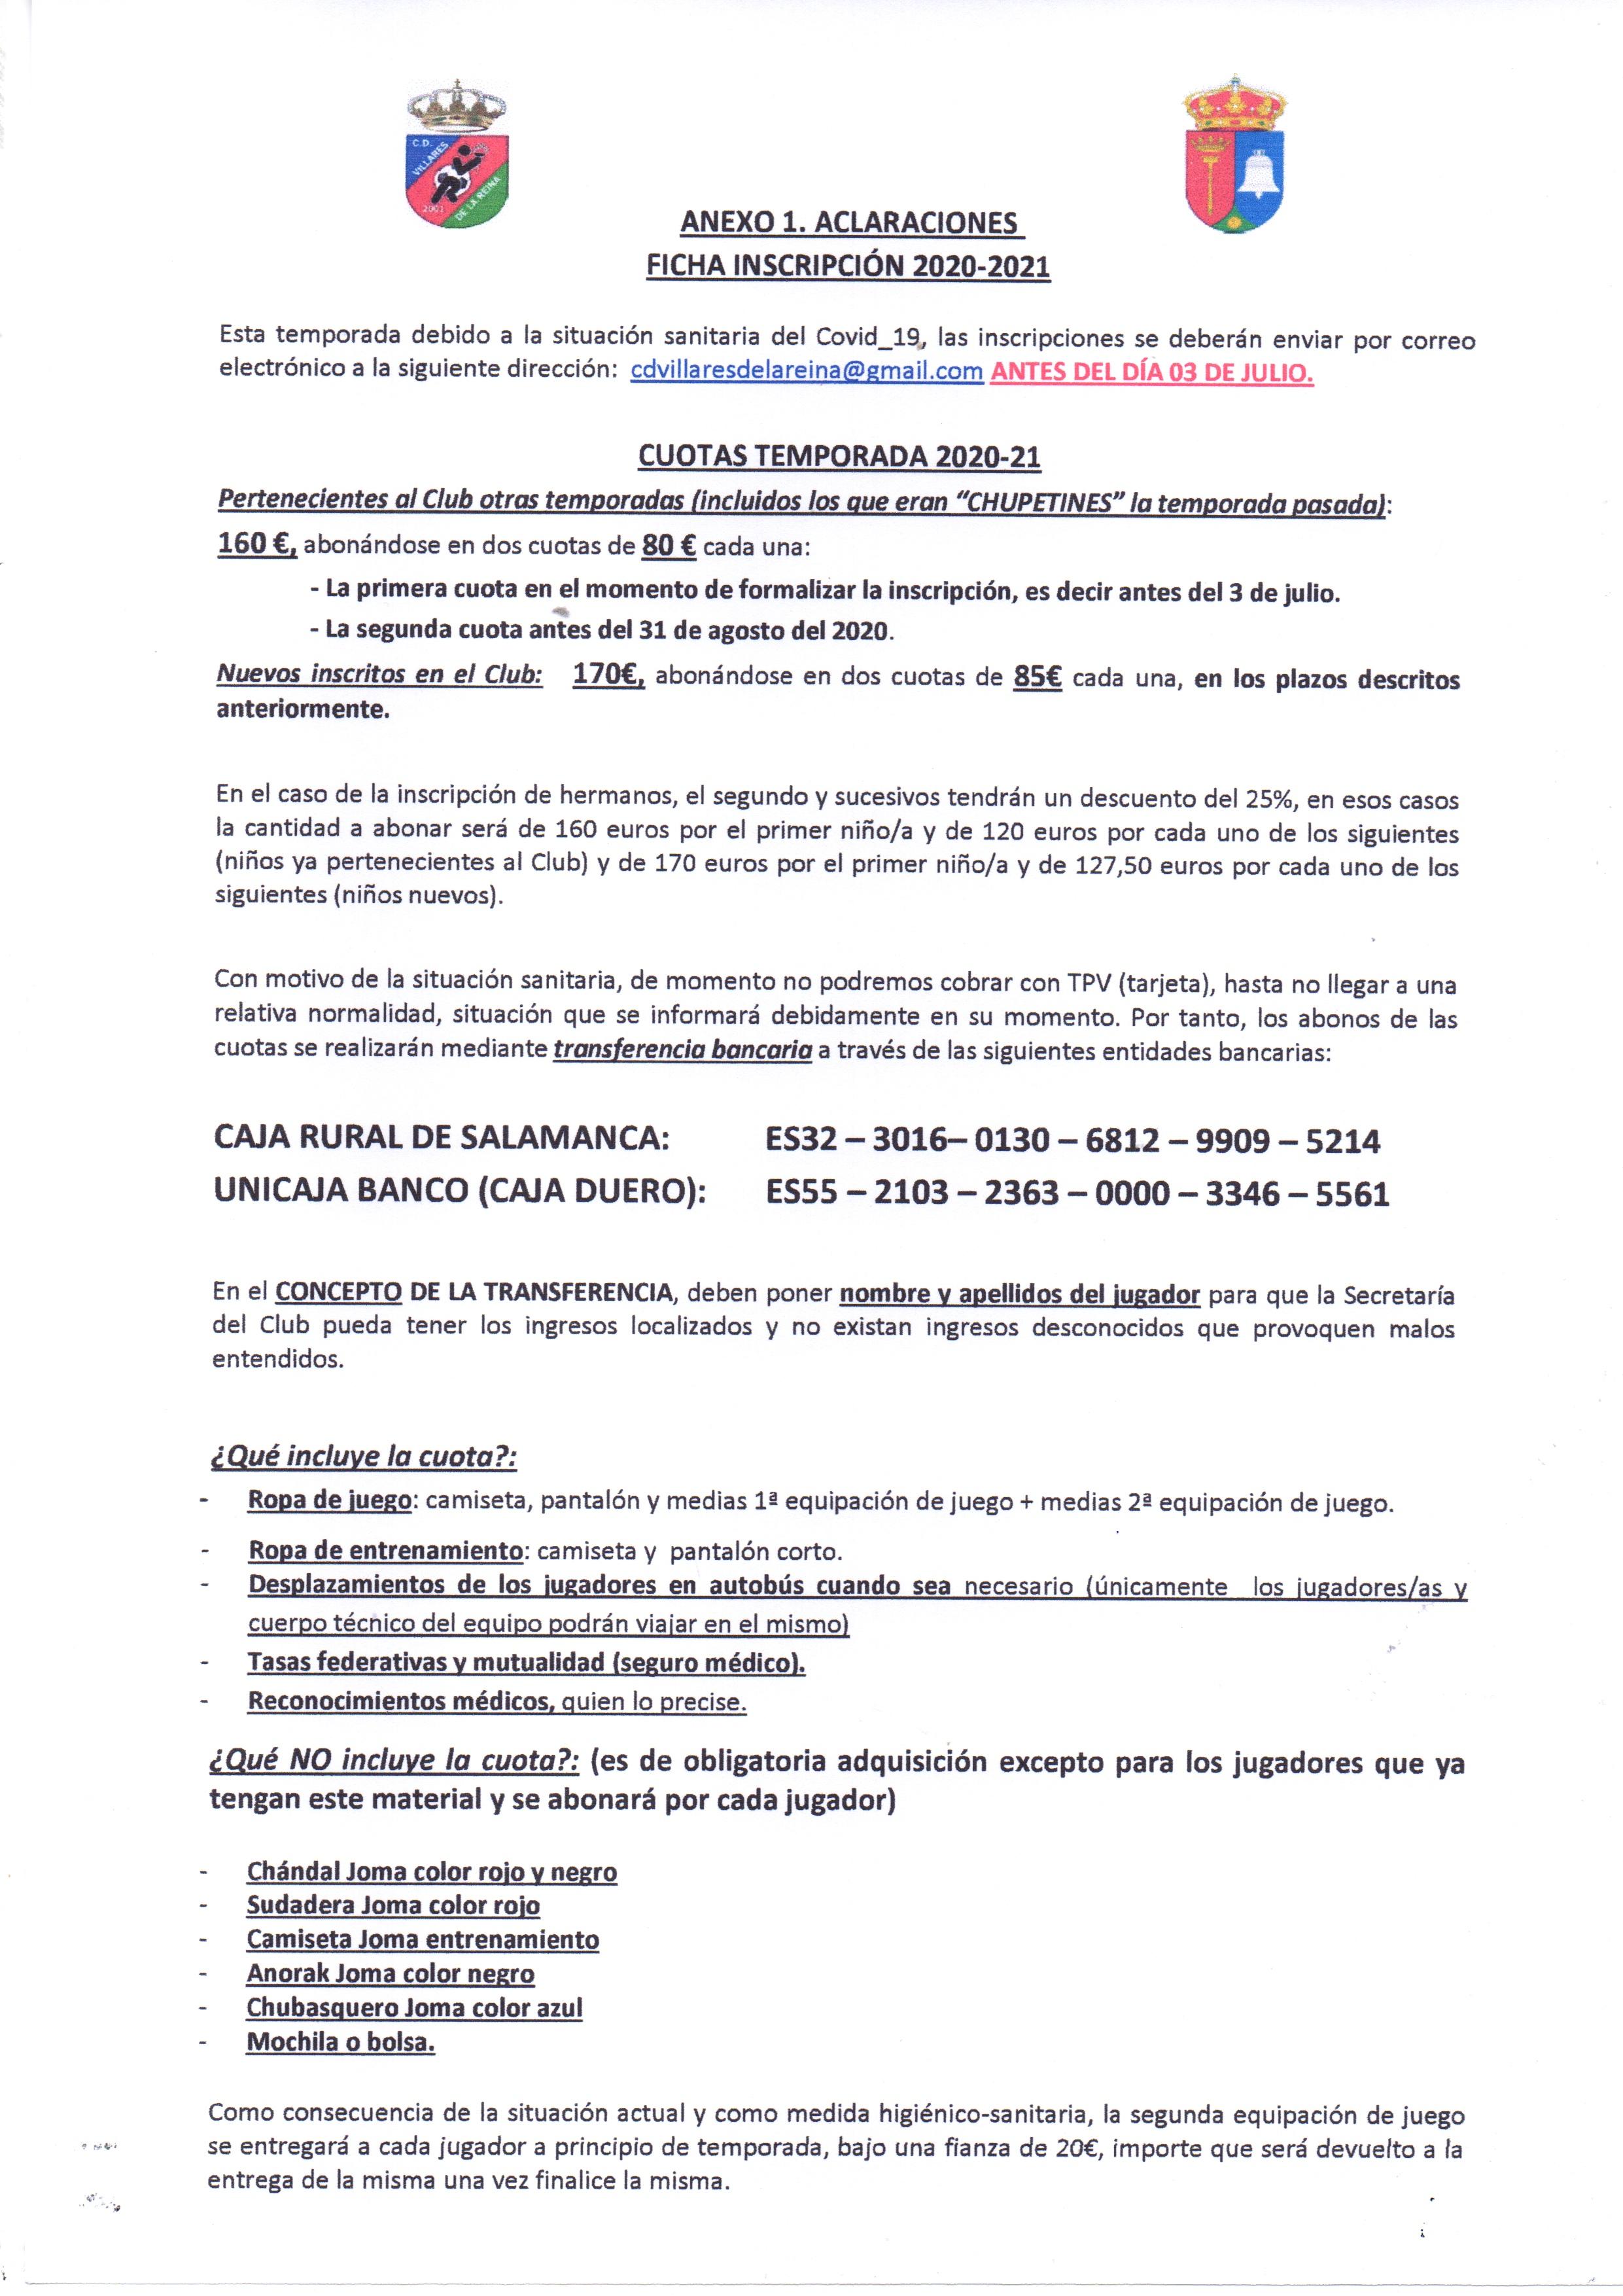 ANEXO 1 INSCRIPCIONES 2020_21